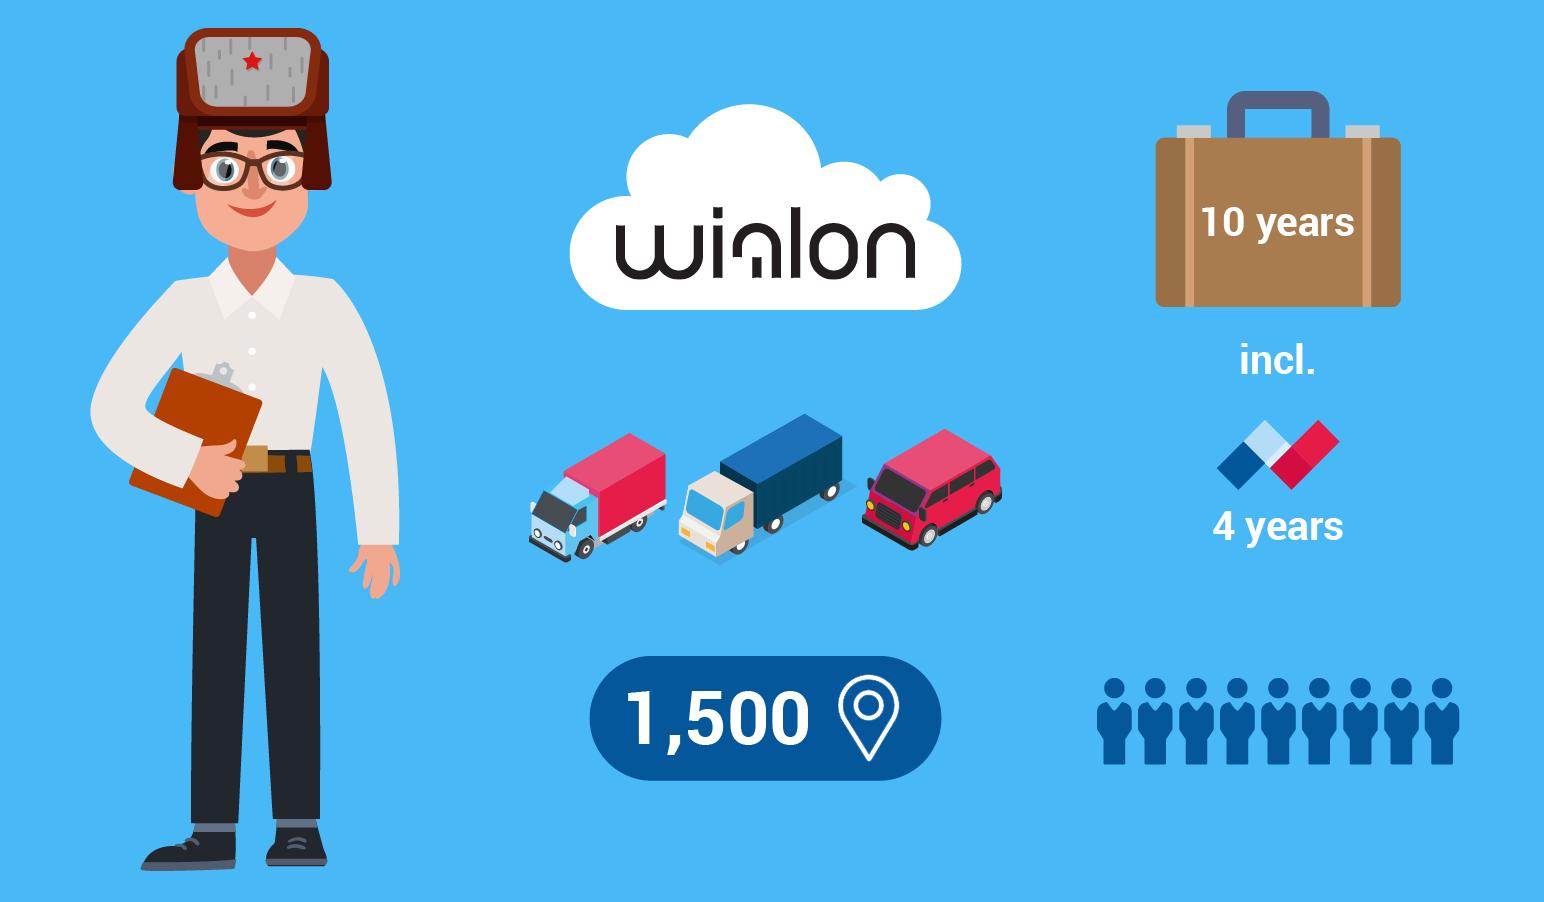 Fait 1. Un partenaire de Gurtam typique est l'utilisateur de Wialon Hosting de la Russie, qui a 10 ans d'expérience dans le monde des affaires